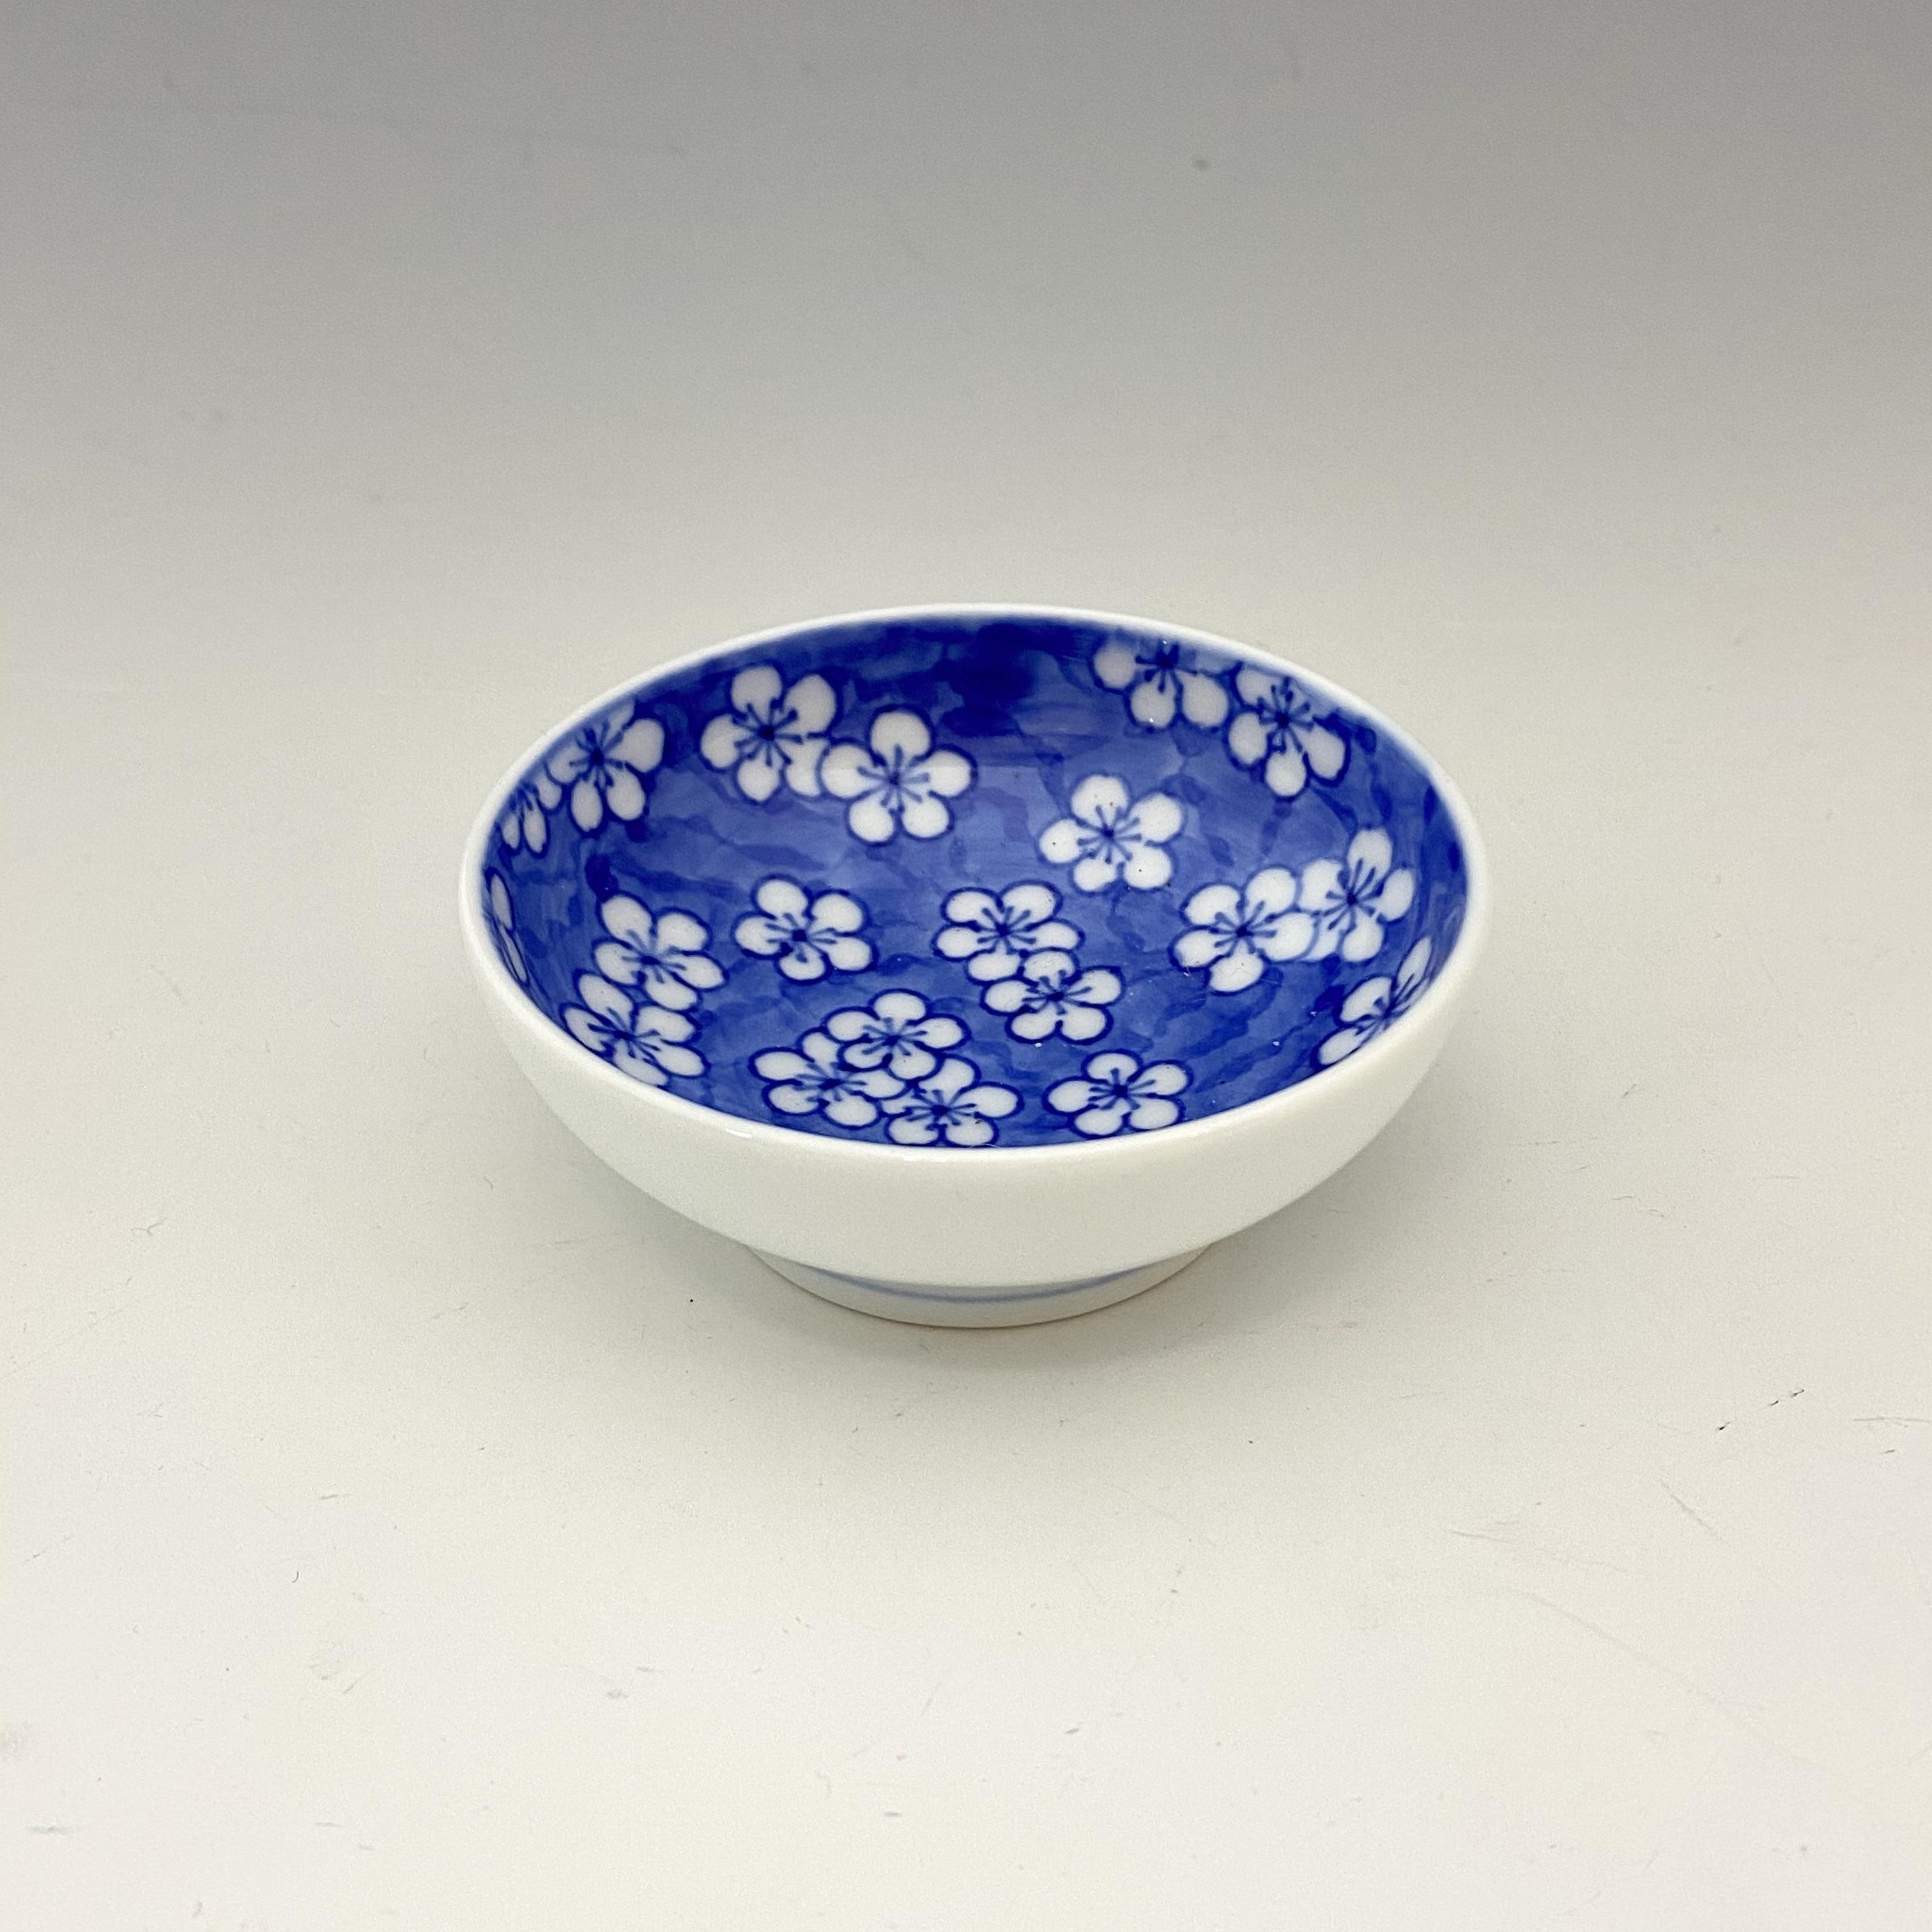 【中尾英純】染付梅文豆皿